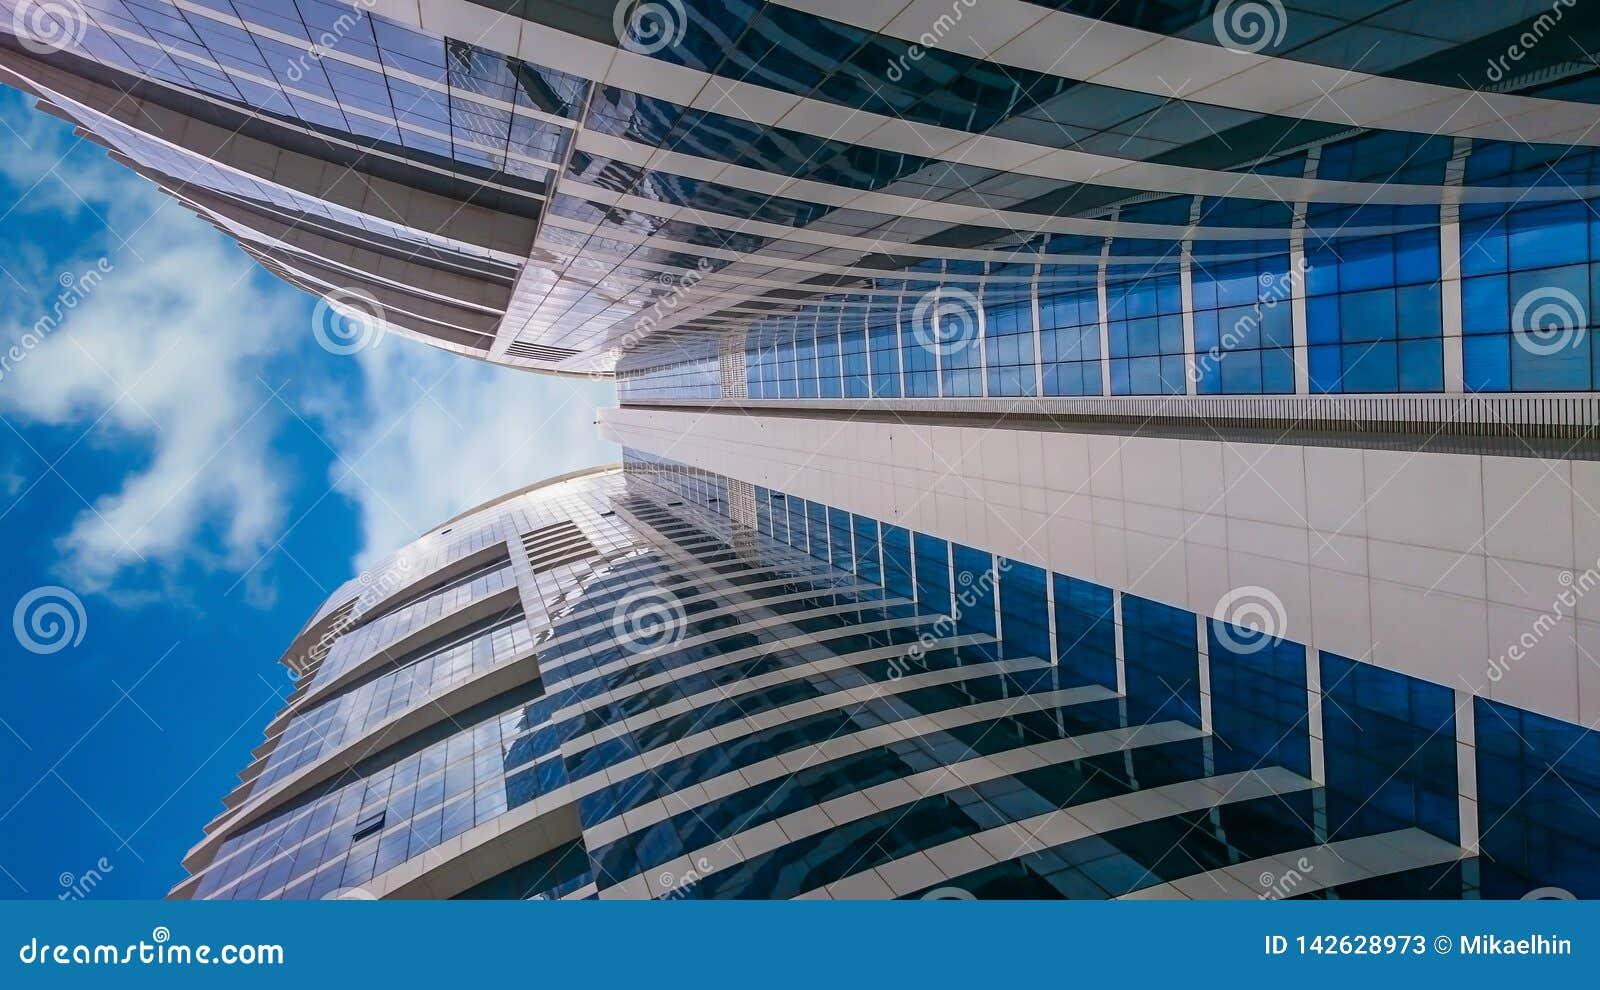 ουρανοξύστες ψηλά κτίρια που βλέπουν από τη βάση προς τον ουρανό